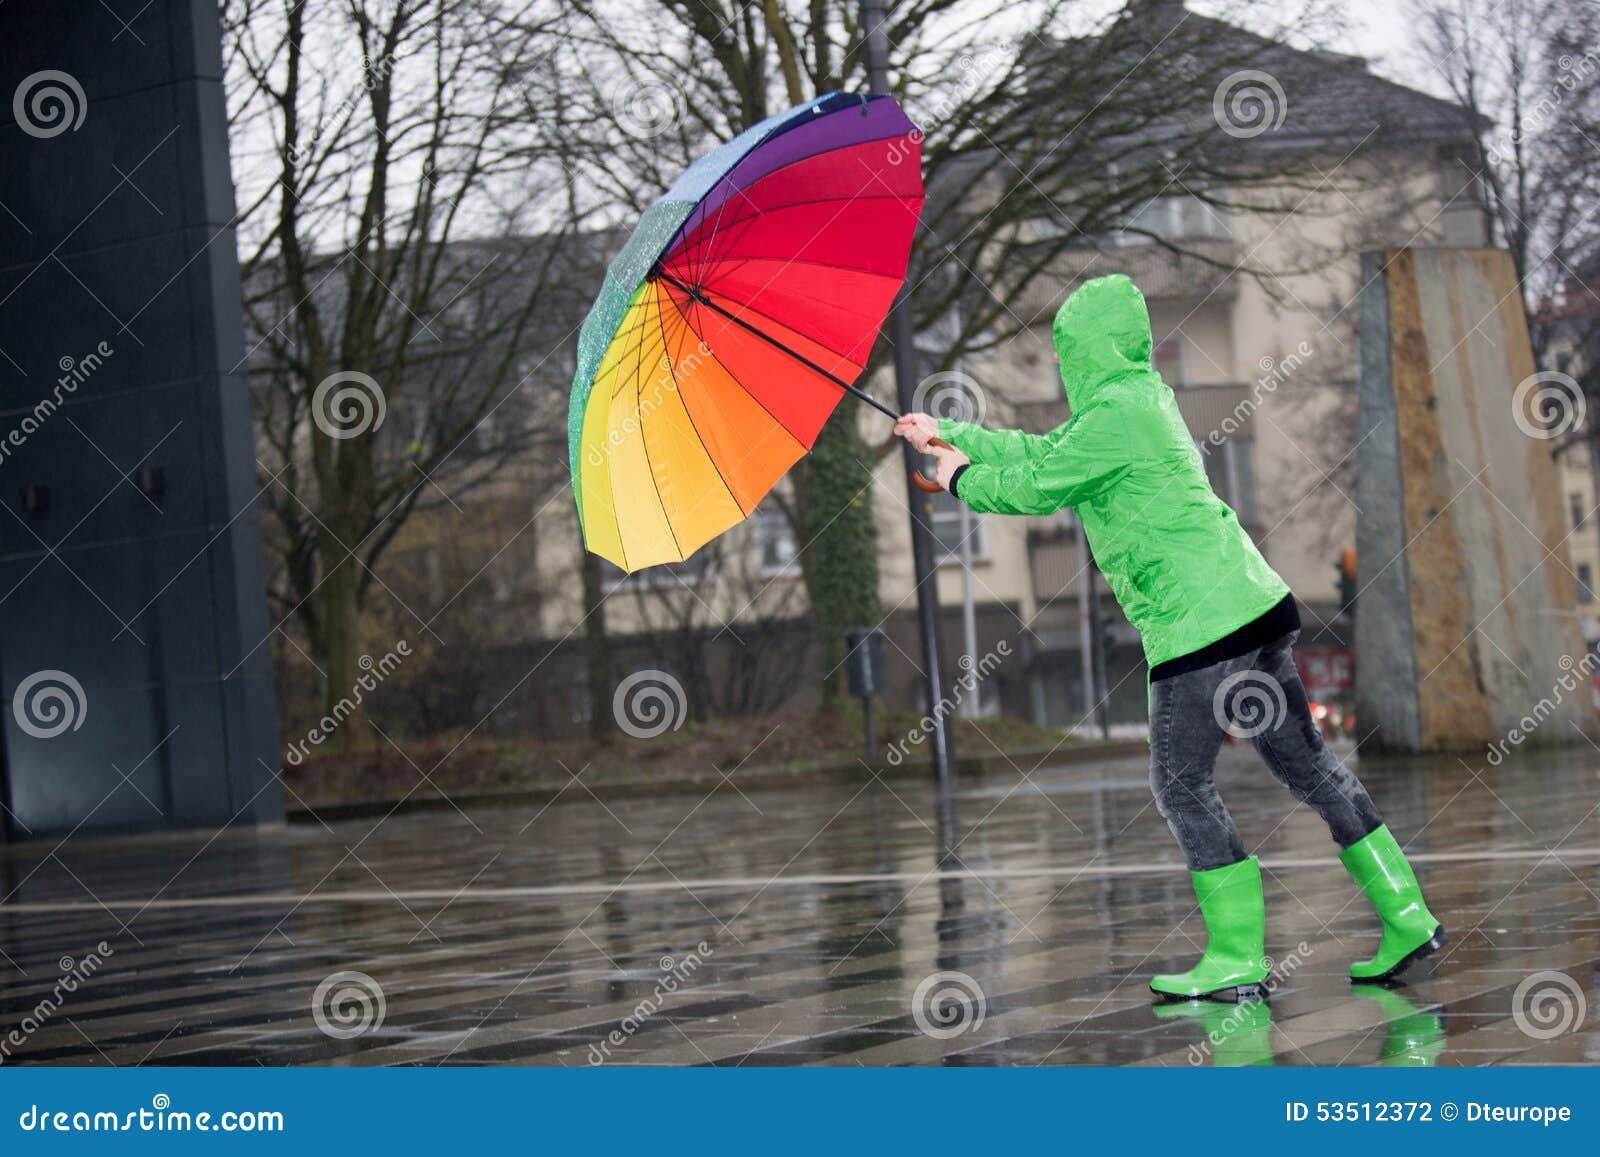 la femme avec un parapluie color lutte contre une tempte - Parapluie Color